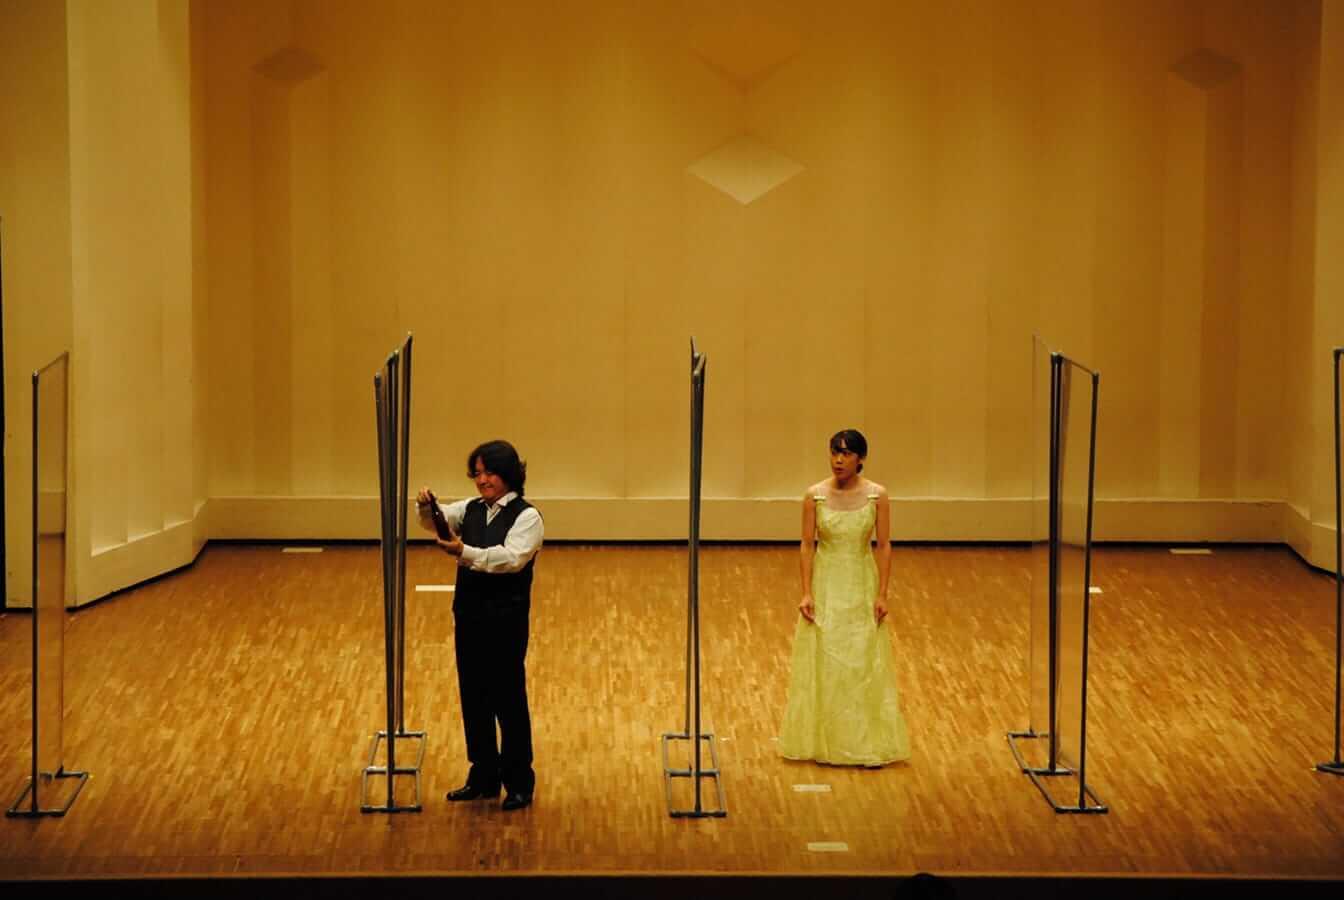 [写真]第12回学内演奏会 ―声楽コース 声楽専修 オペラアンサンブル―演奏風景2